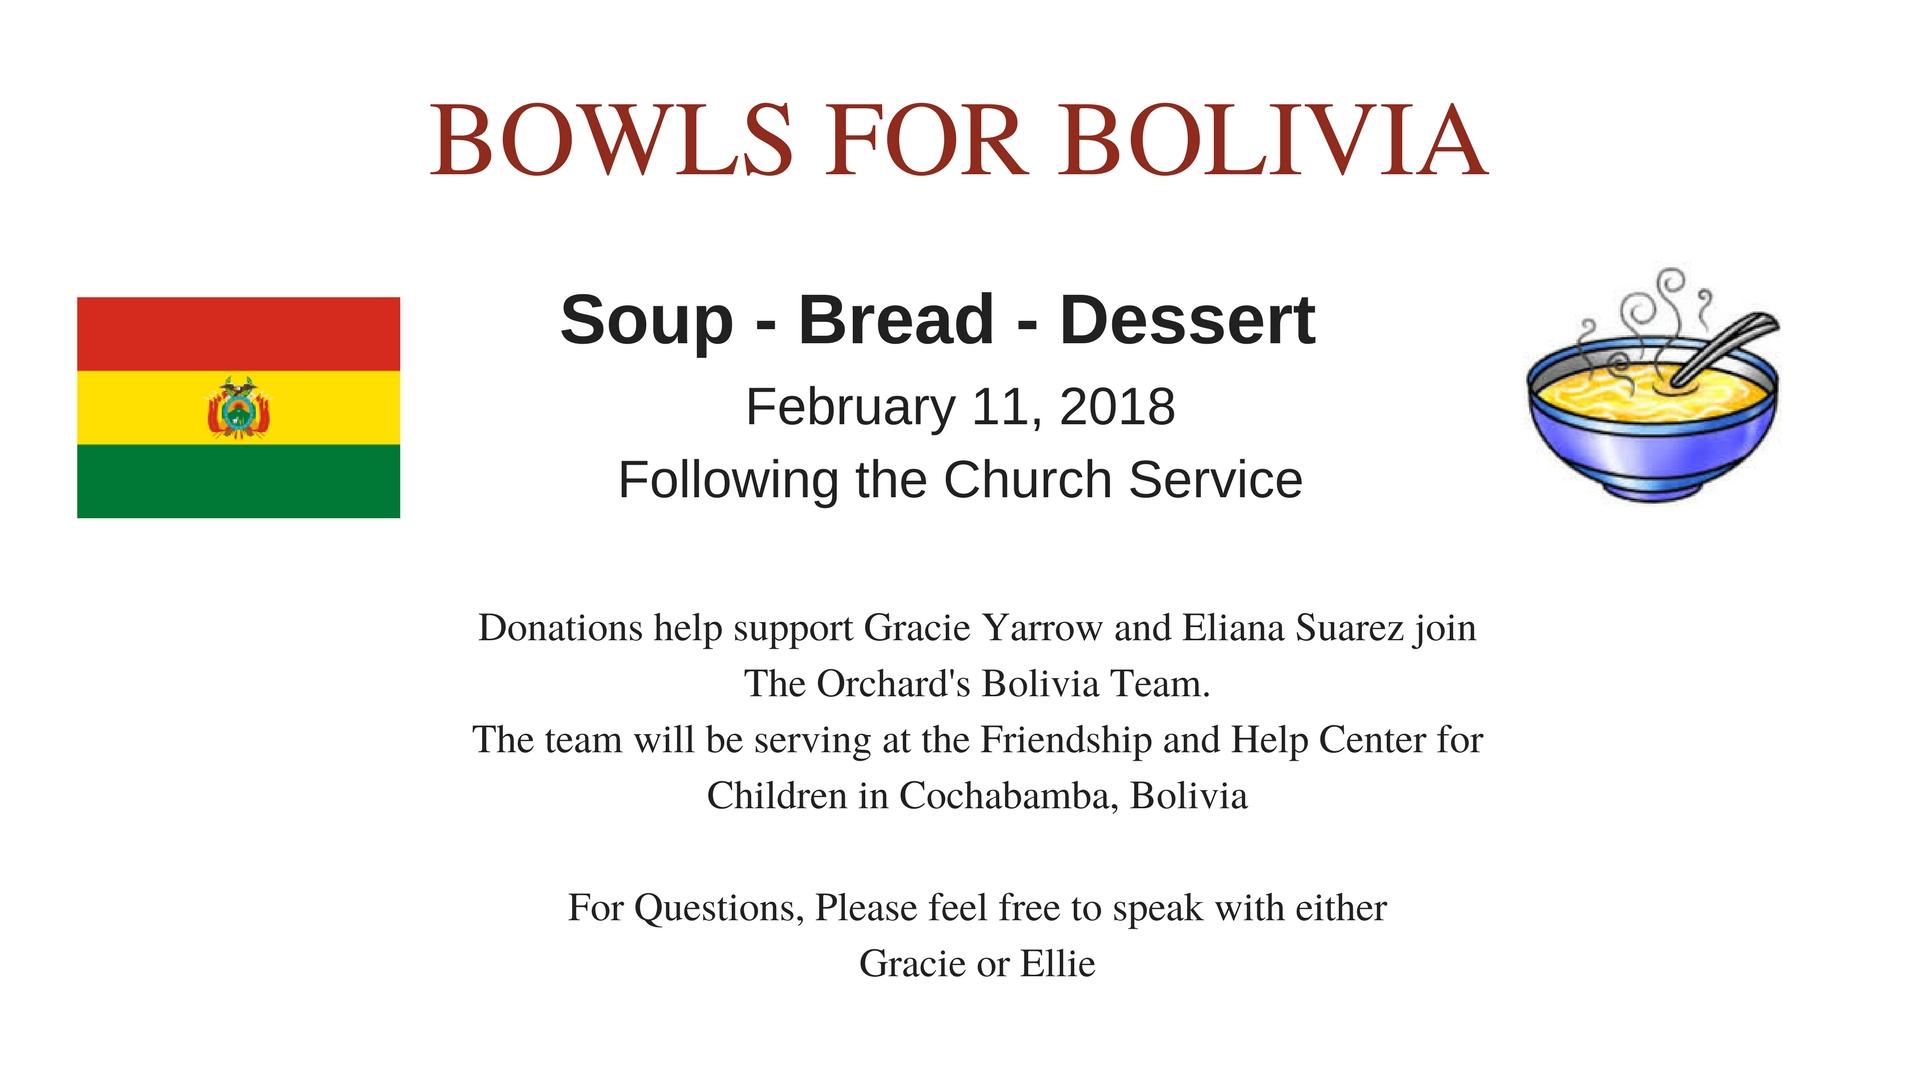 BOWLS FOR BOLIVIA